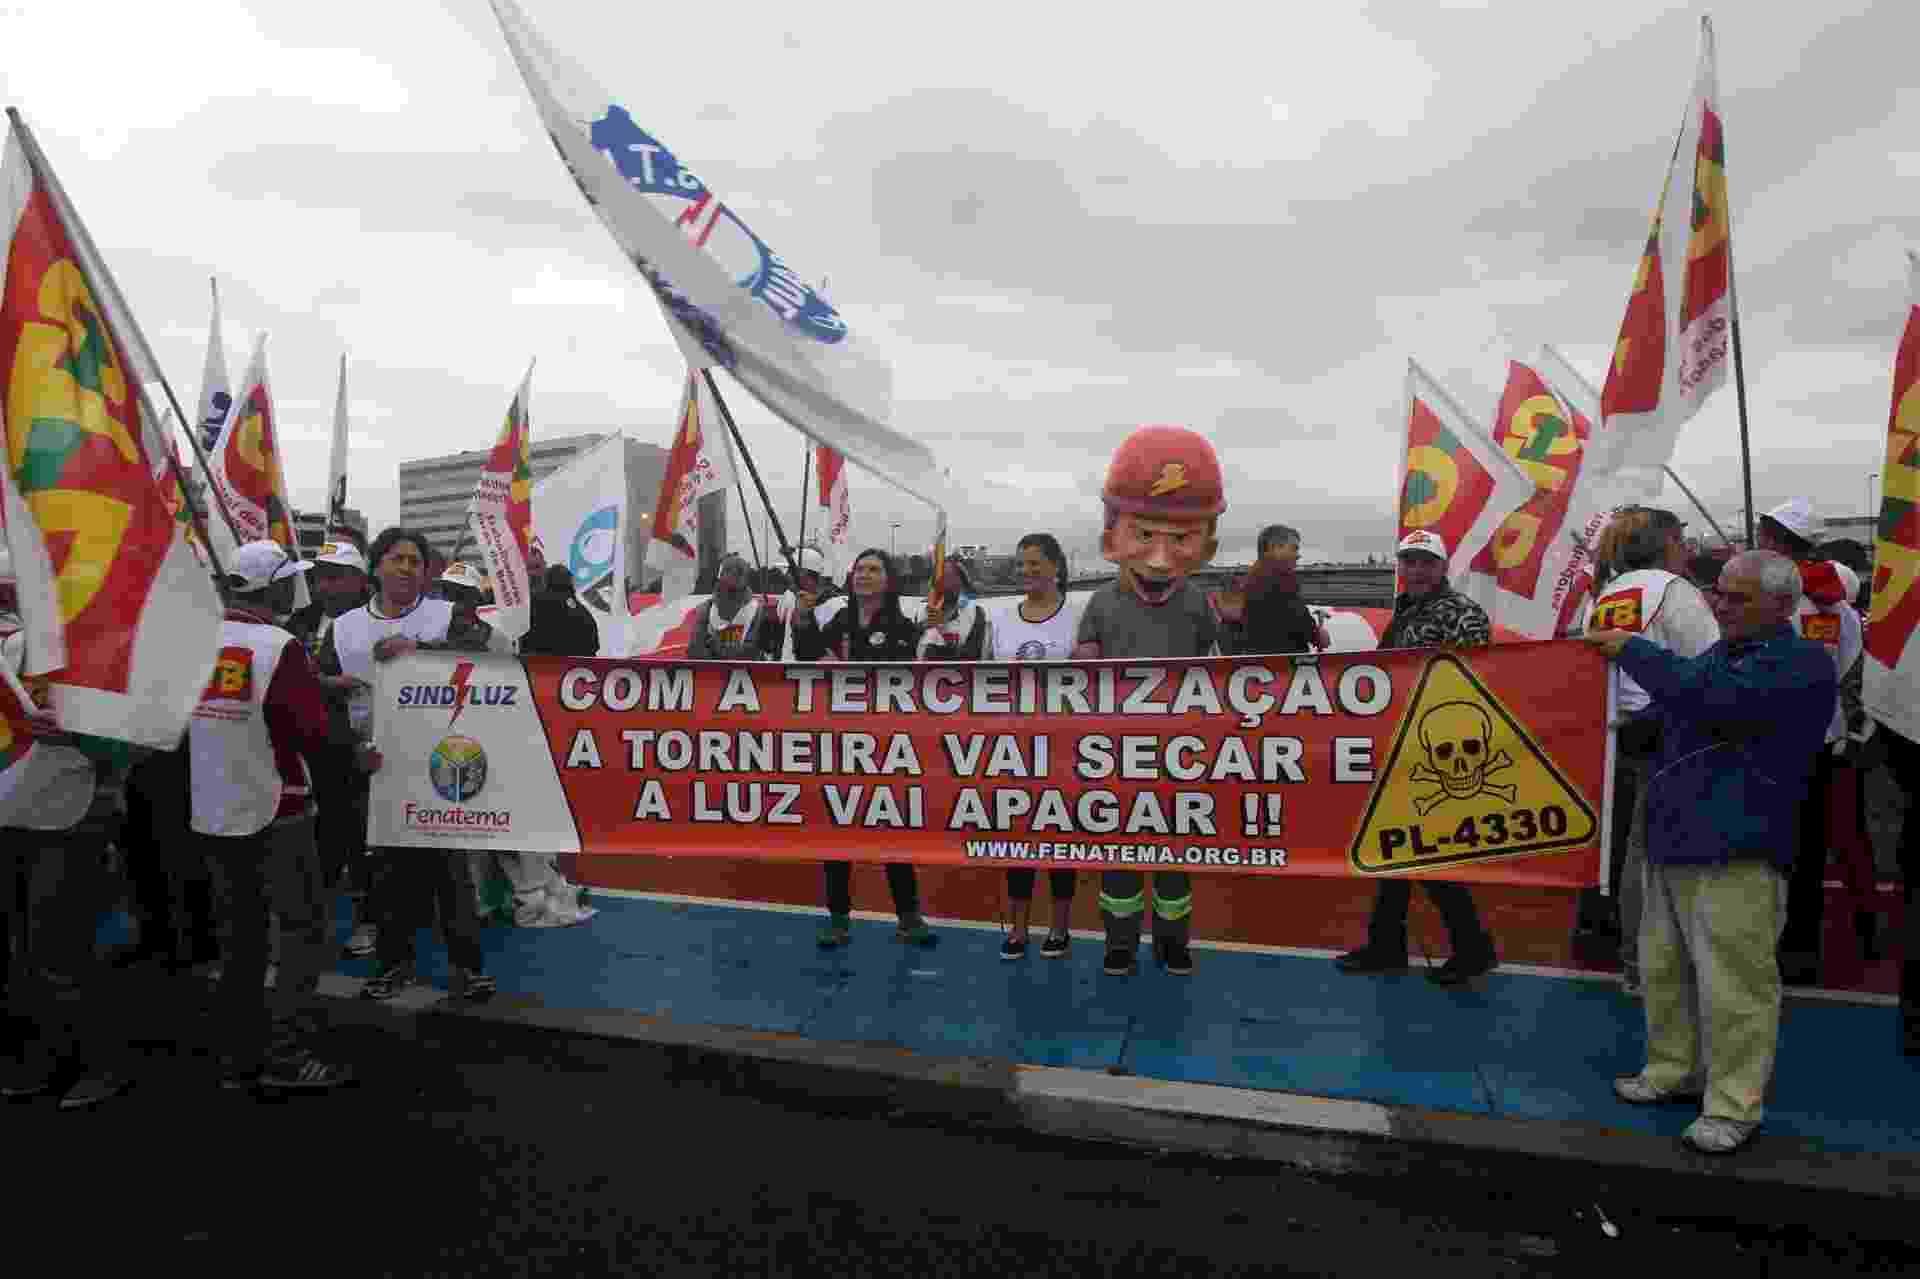 29.mai.2015 - Manifestantes seguem pela ponte das Bandeiras, em São Paulo, na manhã desta sexta-feira (29), em direção ao viaduto do Chá, na região central, em protesto contra o projeto de lei PL4330, que regulamenta a terceirização - Felipe Rau/Estadão Conteúdo